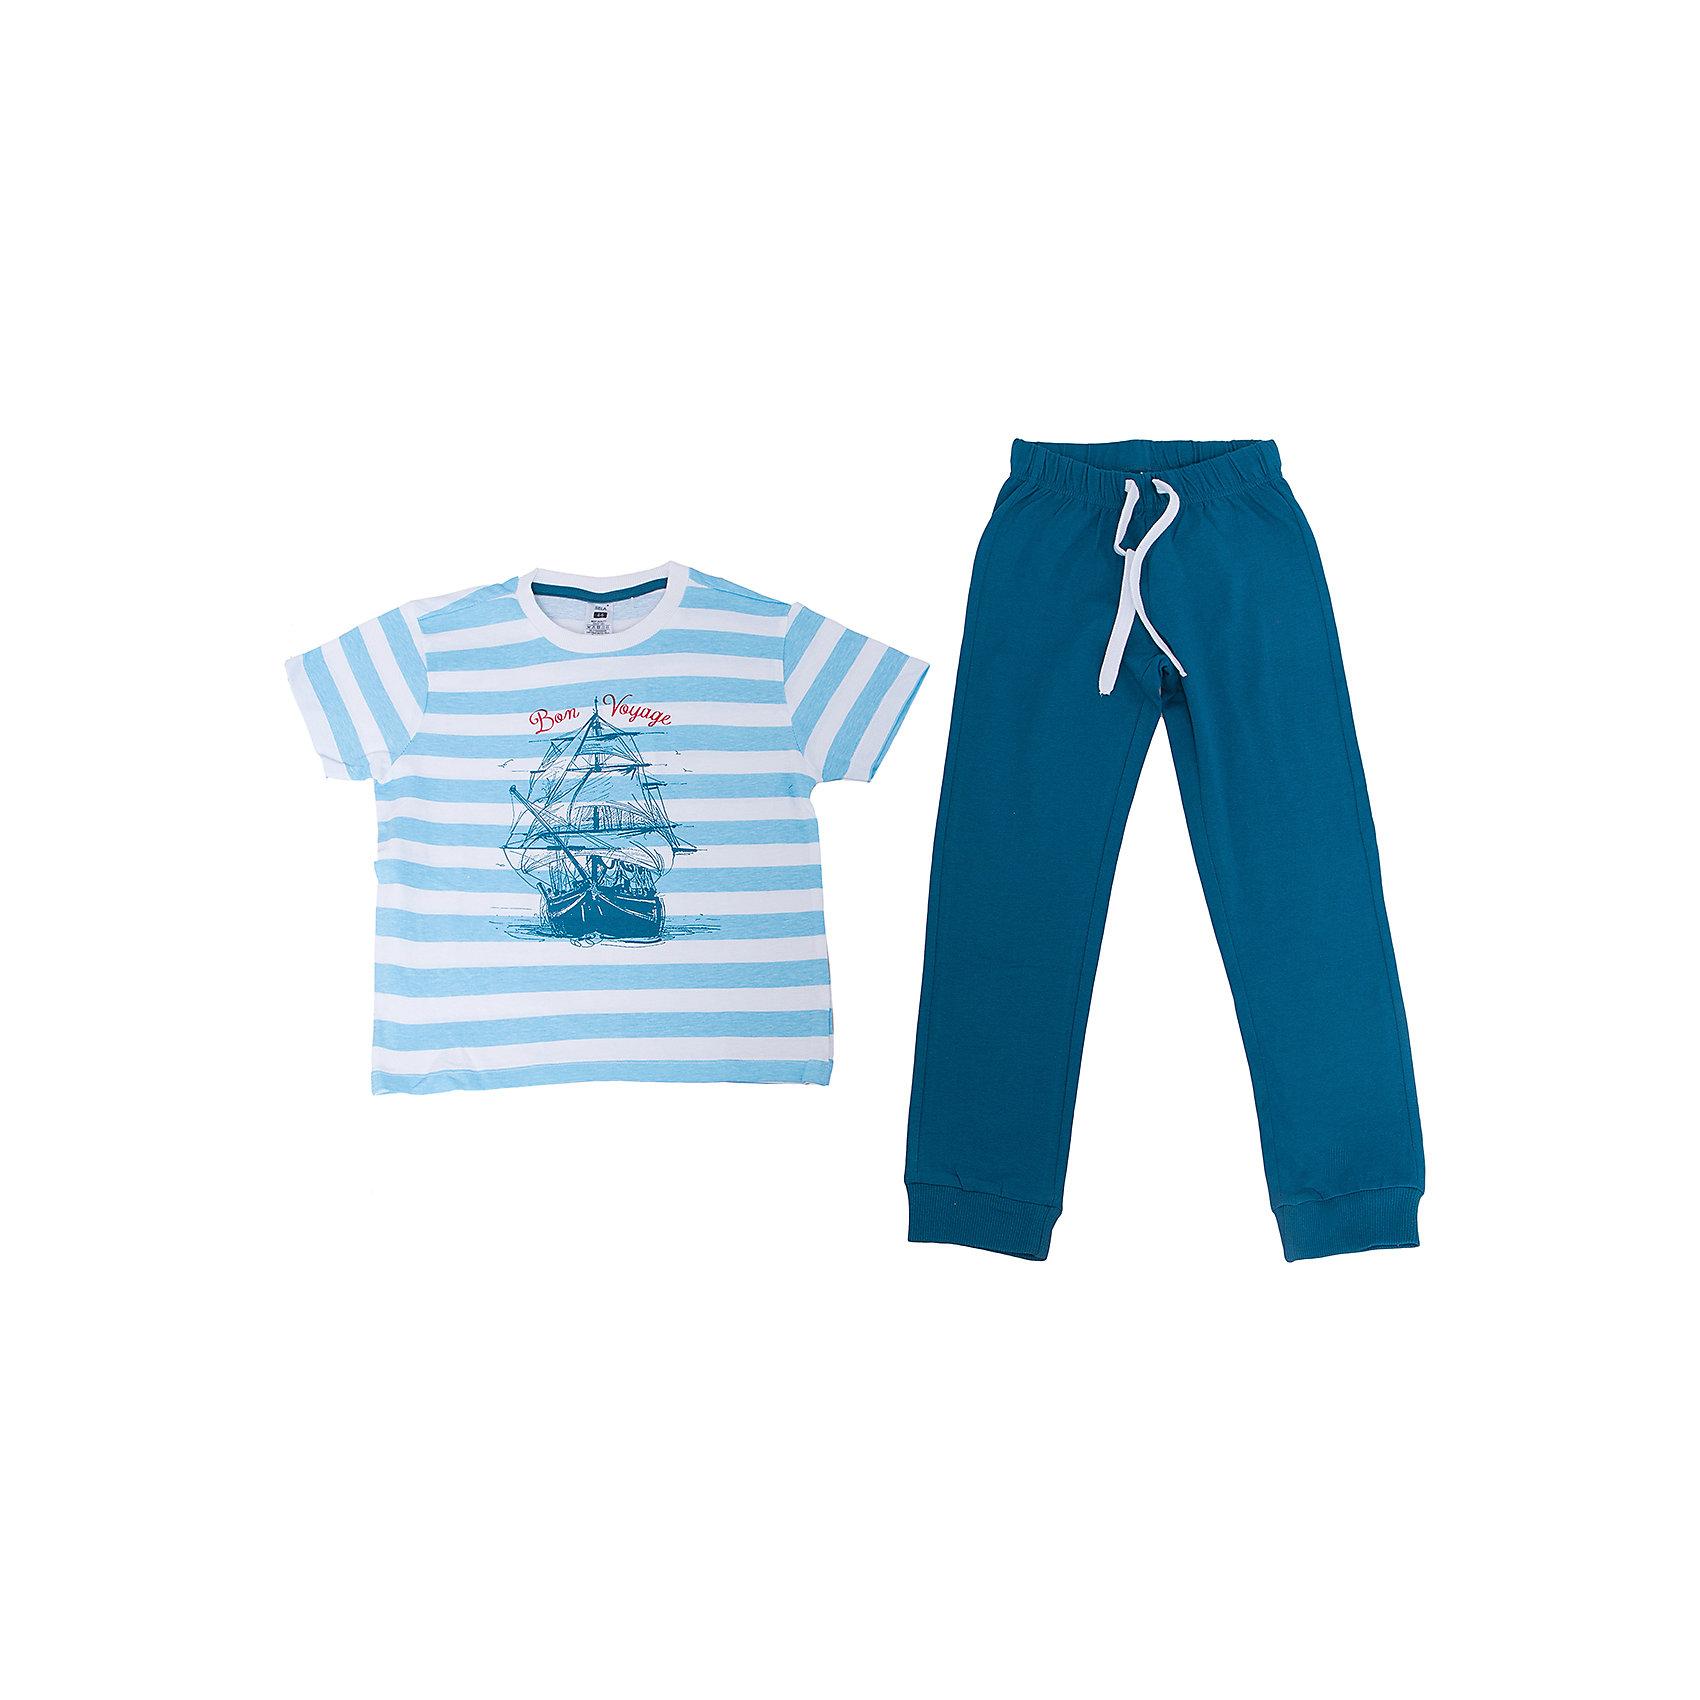 Пижама для мальчика SELAПижамы и сорочки<br>Пижама для мальчика SELA<br><br>Характеристики:<br><br>- цвет: синий<br>- в комплект входит: штаны, футболка<br>- свободный силуэт<br>- эластичные манжеты штанов<br>- состав: хлопок 100%<br>- для детей в возрасте: от 2 до 6 лет<br>- страна производитель: Индия<br><br>Яркая пижама синего цвета из новой коллекции весна 2017 от популярного бренда одежды SELA (Сэла). Пижама с большим кораблем отлично подойдет для использования на каждый день в прохладное время года. Натуральная хлопчатобумажная ткань изделия отлично пропускает воздух и позволяет коже дышать. Свободный силуэт пижамы обеспечивает необходимый комфорт во время сна. Морская тематика новой пижамы поможет отправиться на поиски приключений в мир приятных и увлекательных снов. <br><br>Пижаму для мальчика SELA можно купить в нашем интернет-магазине.<br><br>Ширина мм: 281<br>Глубина мм: 70<br>Высота мм: 188<br>Вес г: 295<br>Цвет: синий<br>Возраст от месяцев: 96<br>Возраст до месяцев: 108<br>Пол: Мужской<br>Возраст: Детский<br>Размер: 128/134,140/146,92/98,104/110,116/122<br>SKU: 5302875